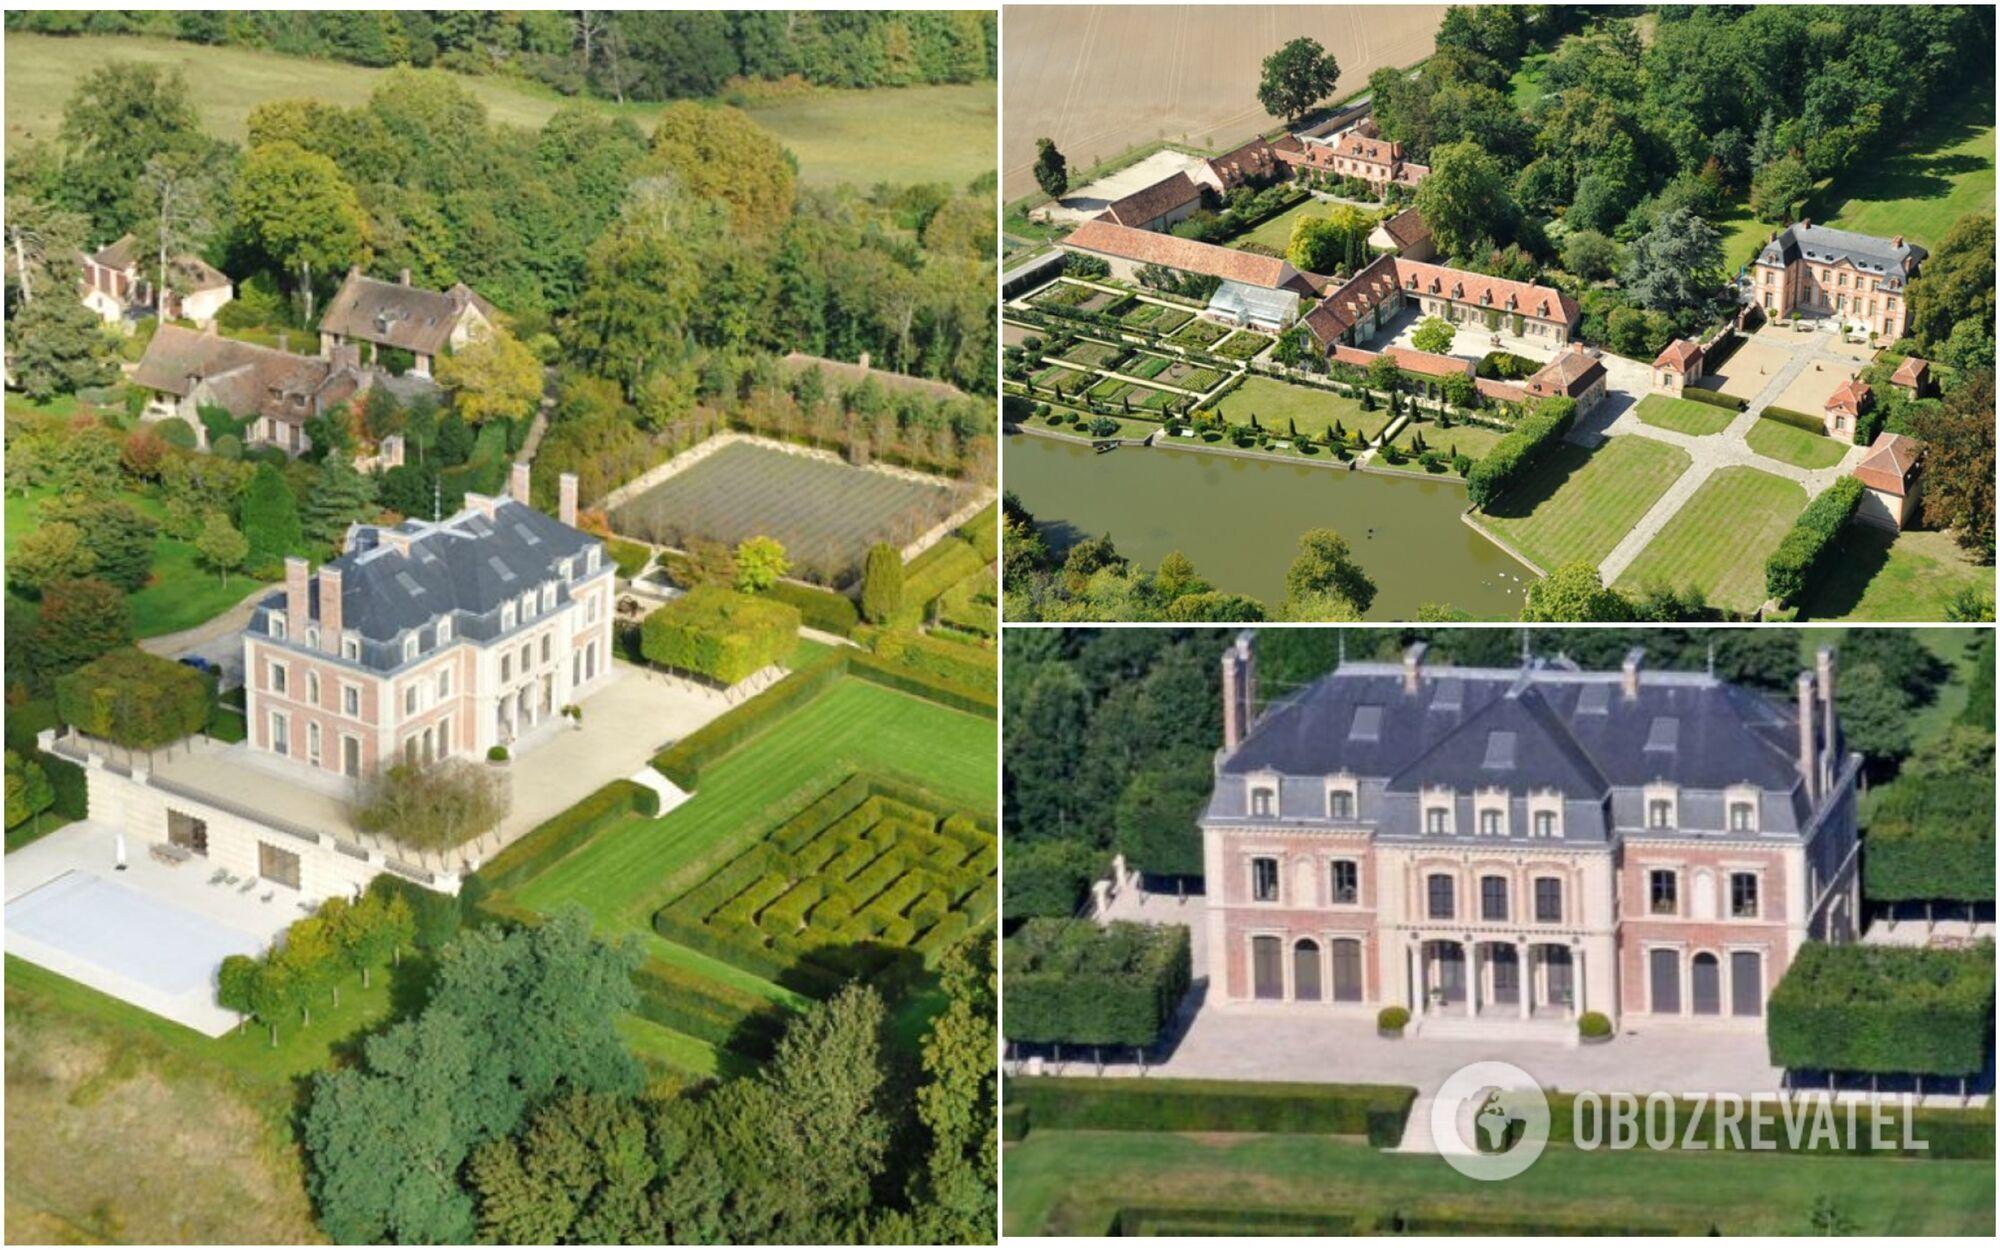 Внутрь этого дворца заглянуть никому не удавалось, кроме прислуги и членов семьи Бернара Арно.